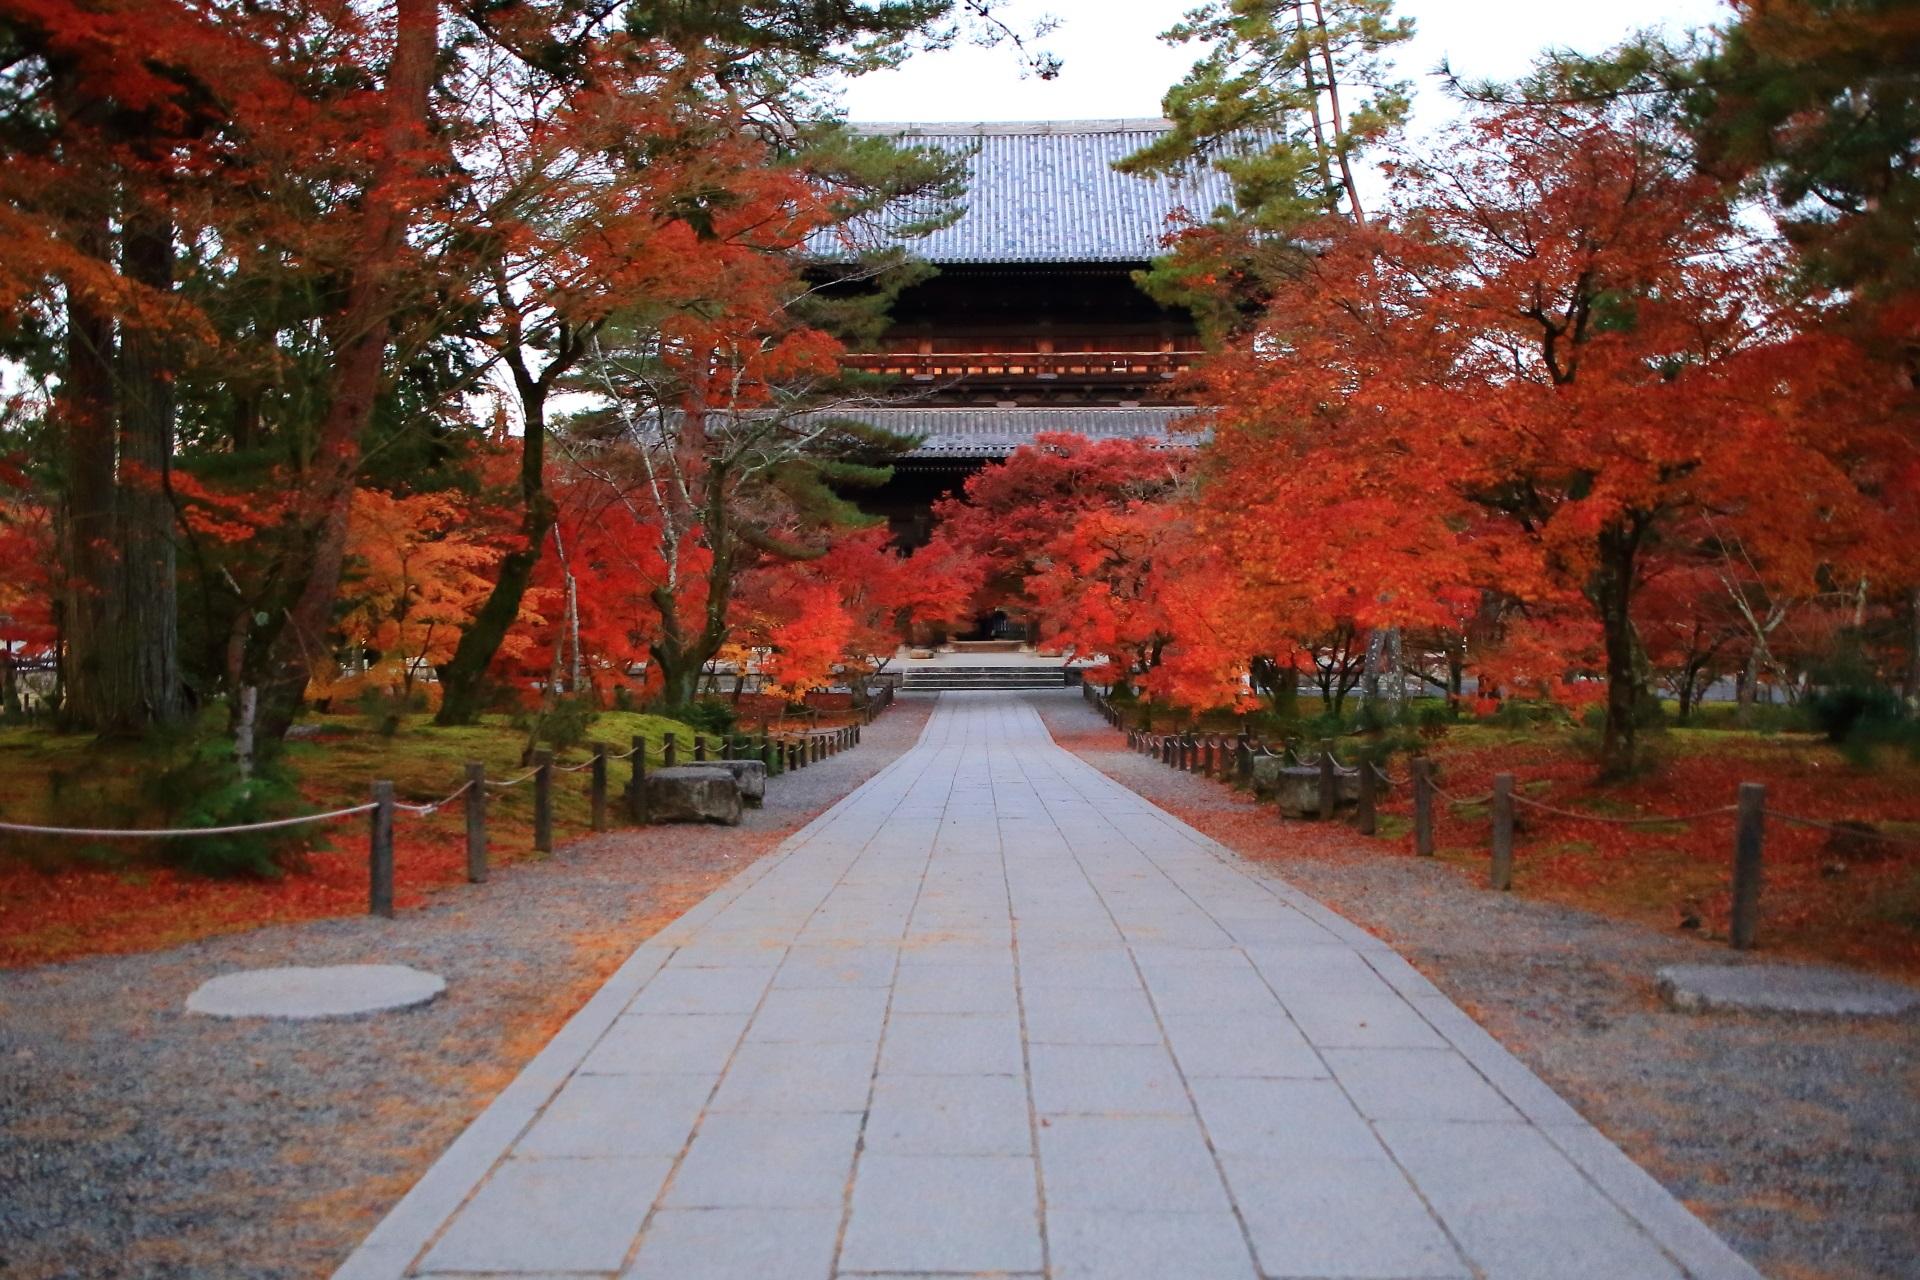 南禅寺の法堂側から眺めた三門と紅葉